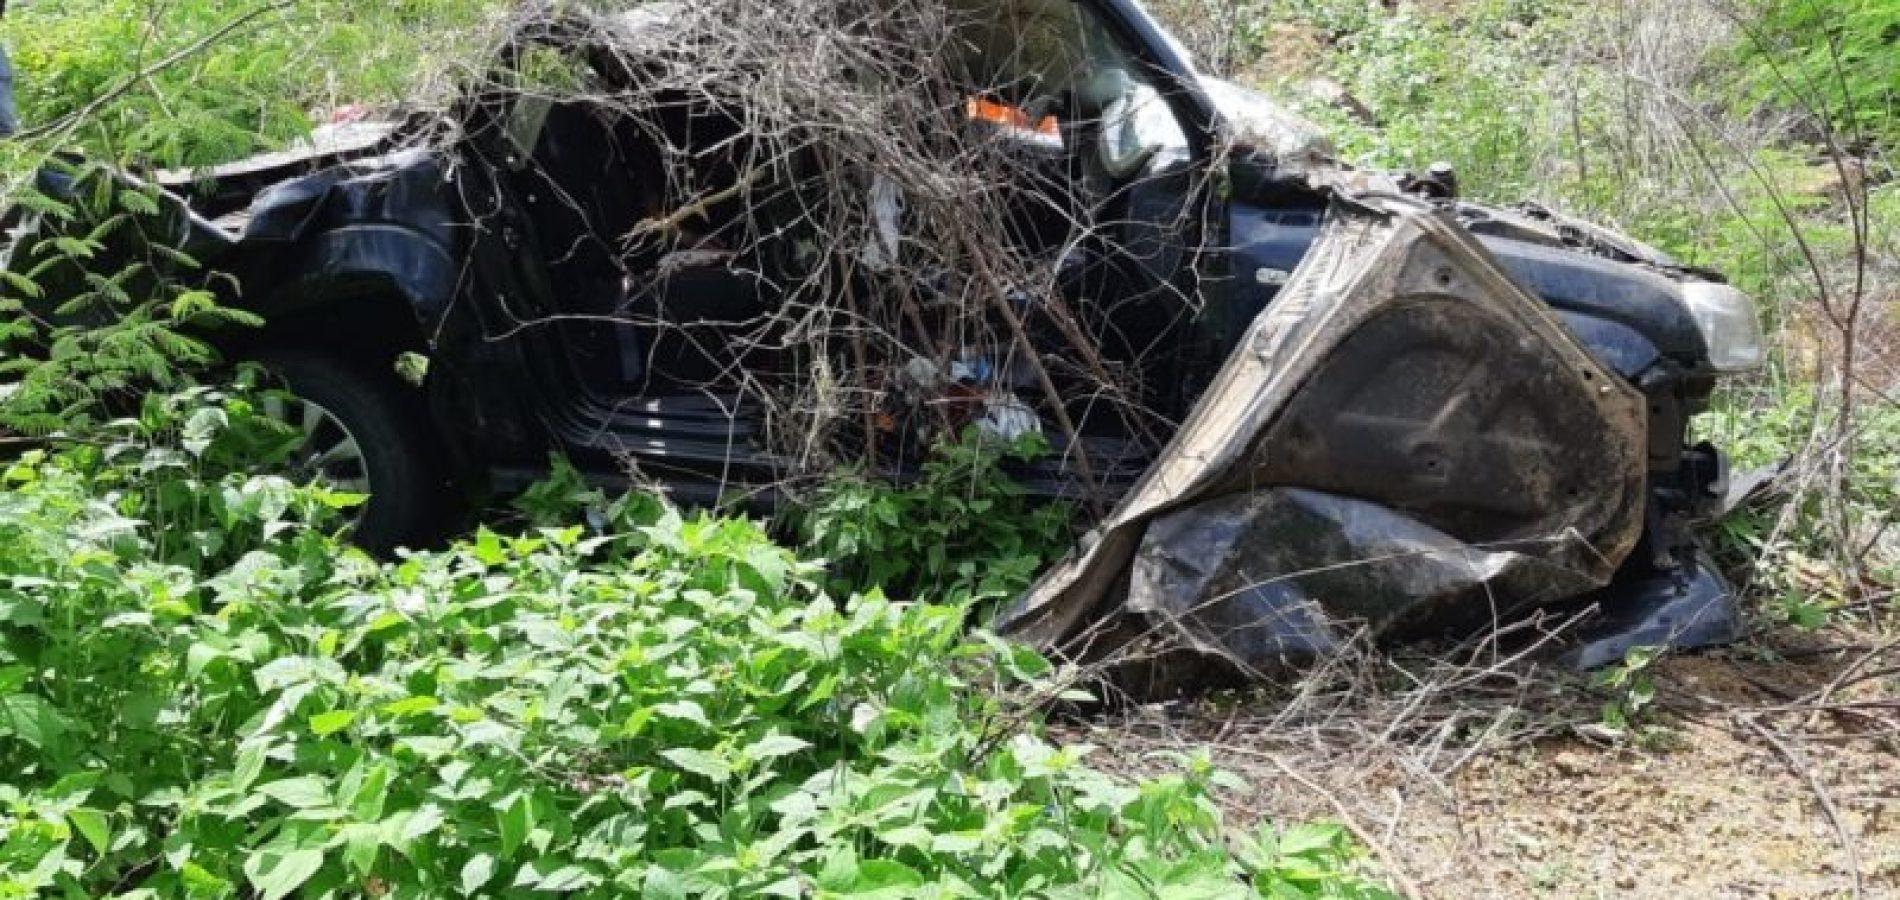 Hospital de Picos emite nota sobre sobrevivente de acidente que vitimou 3 pessoas da mesma família